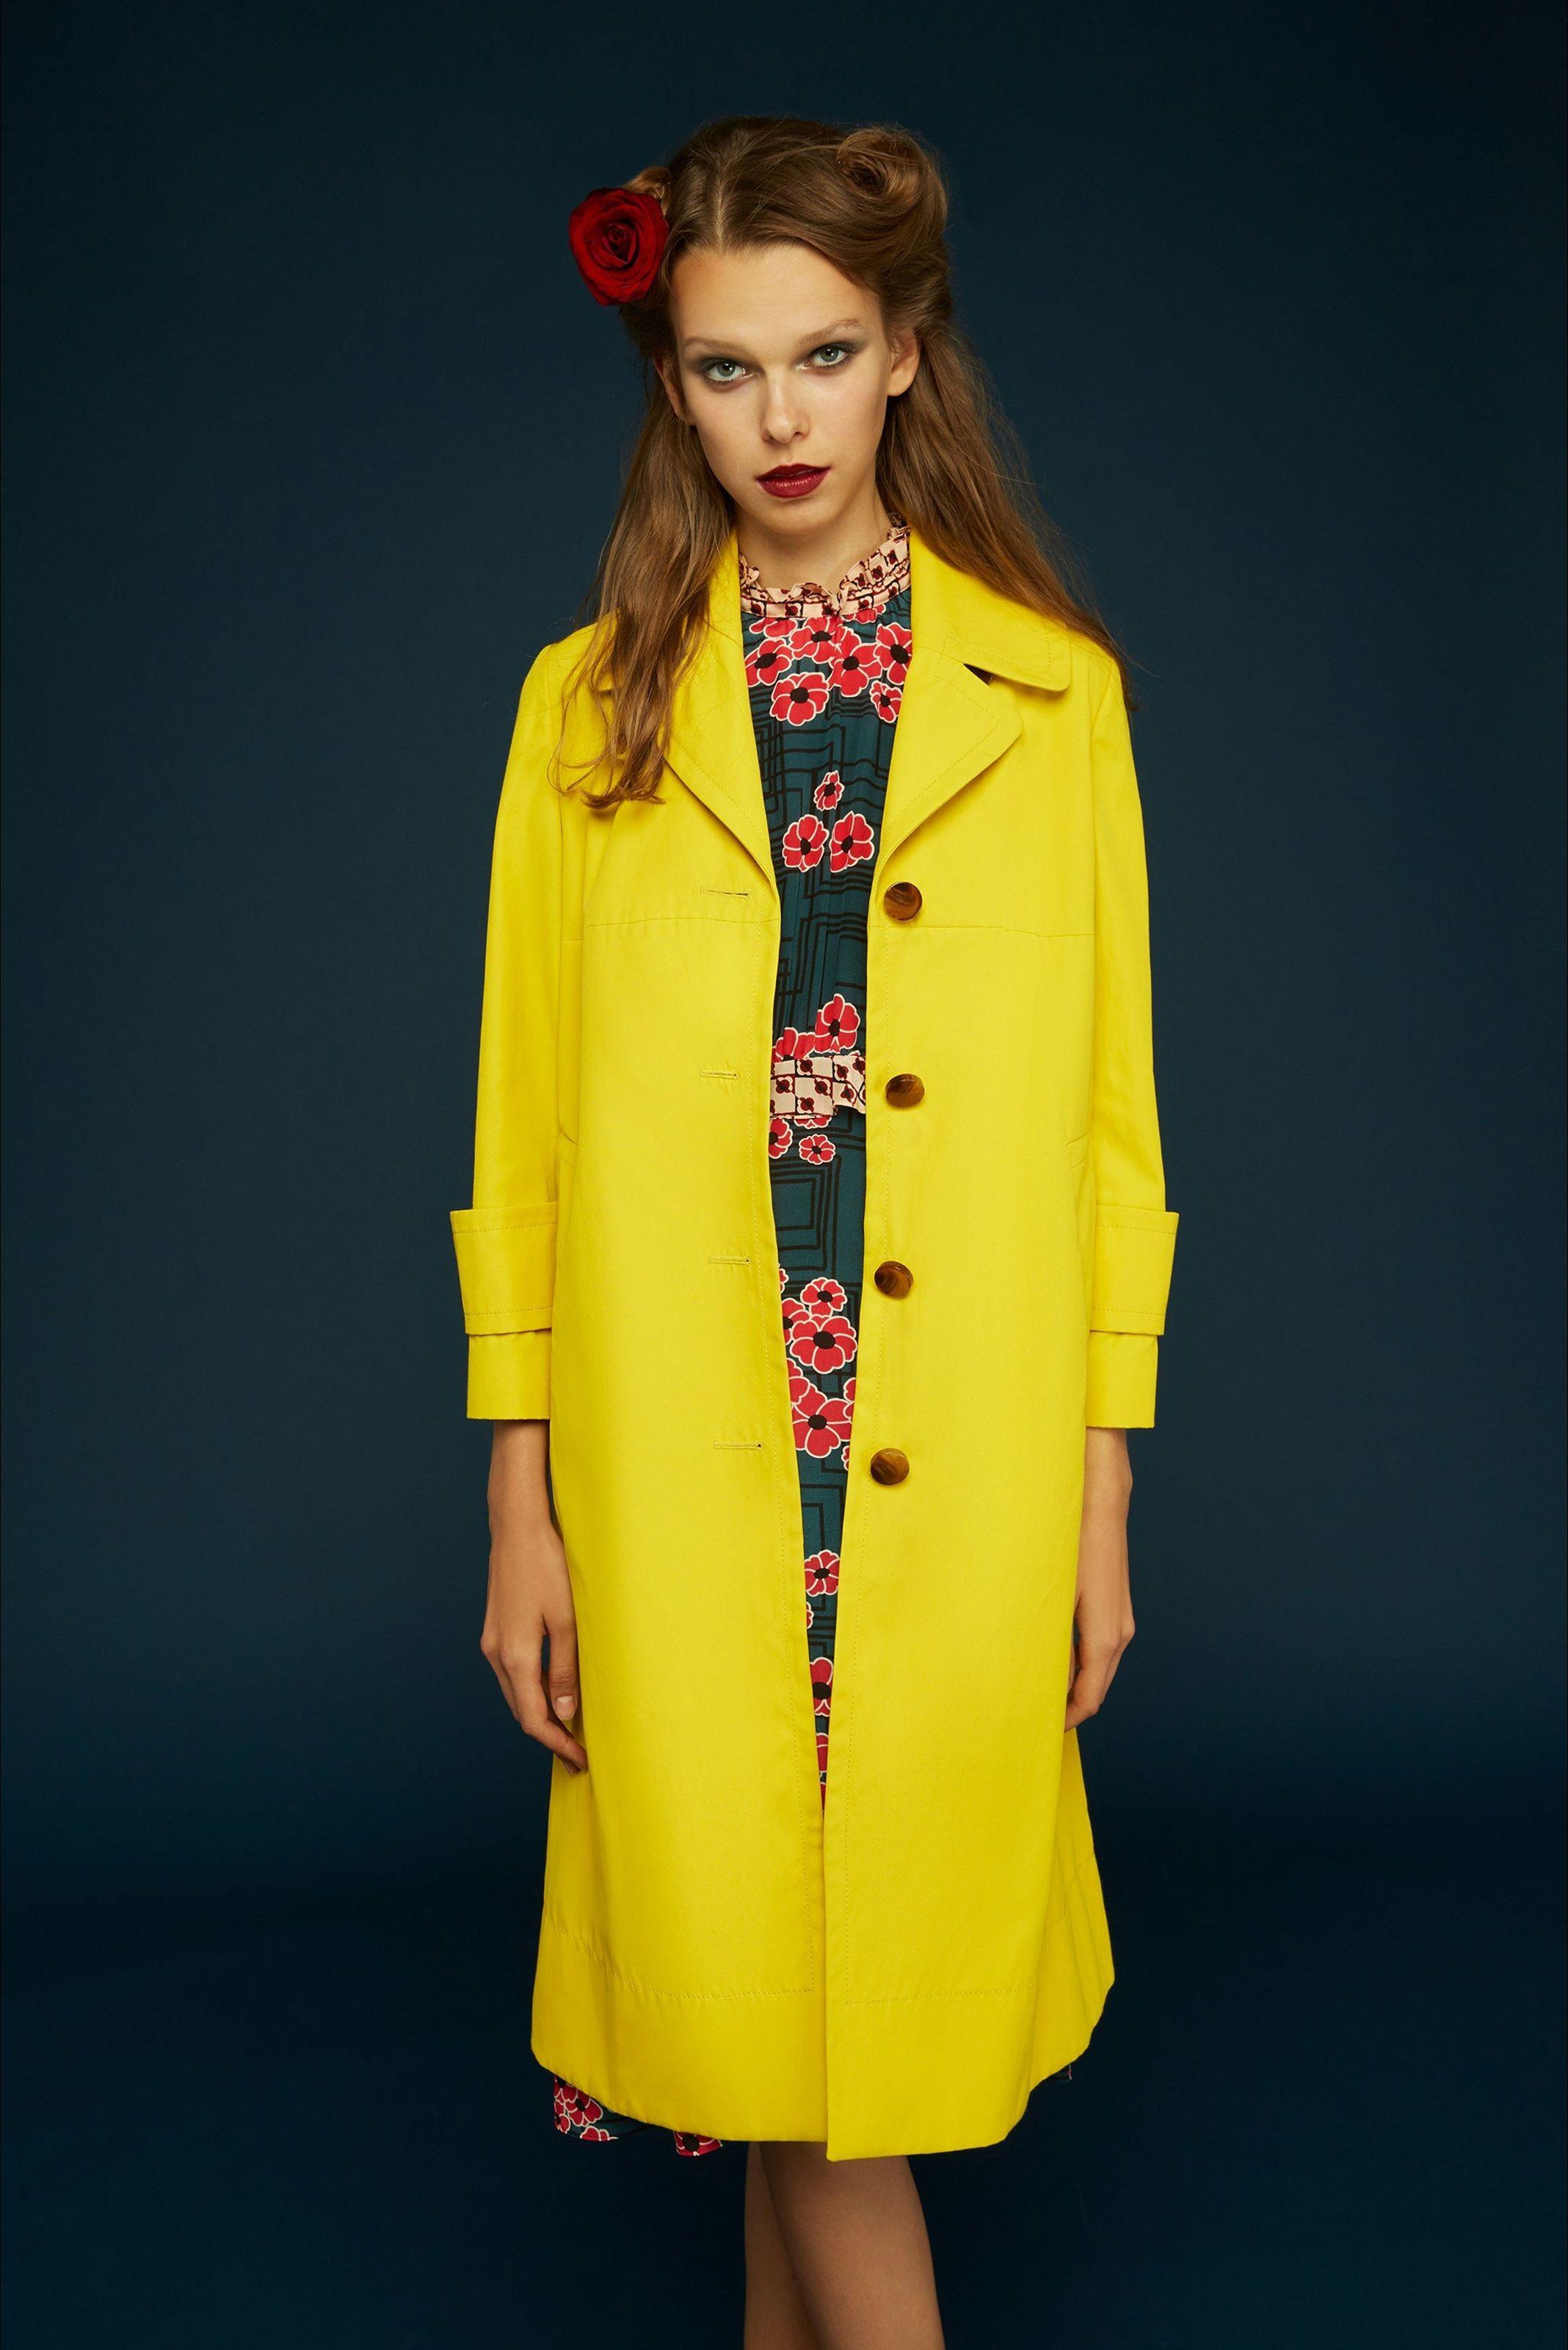 Orla Kiely - Look 8 (coat)